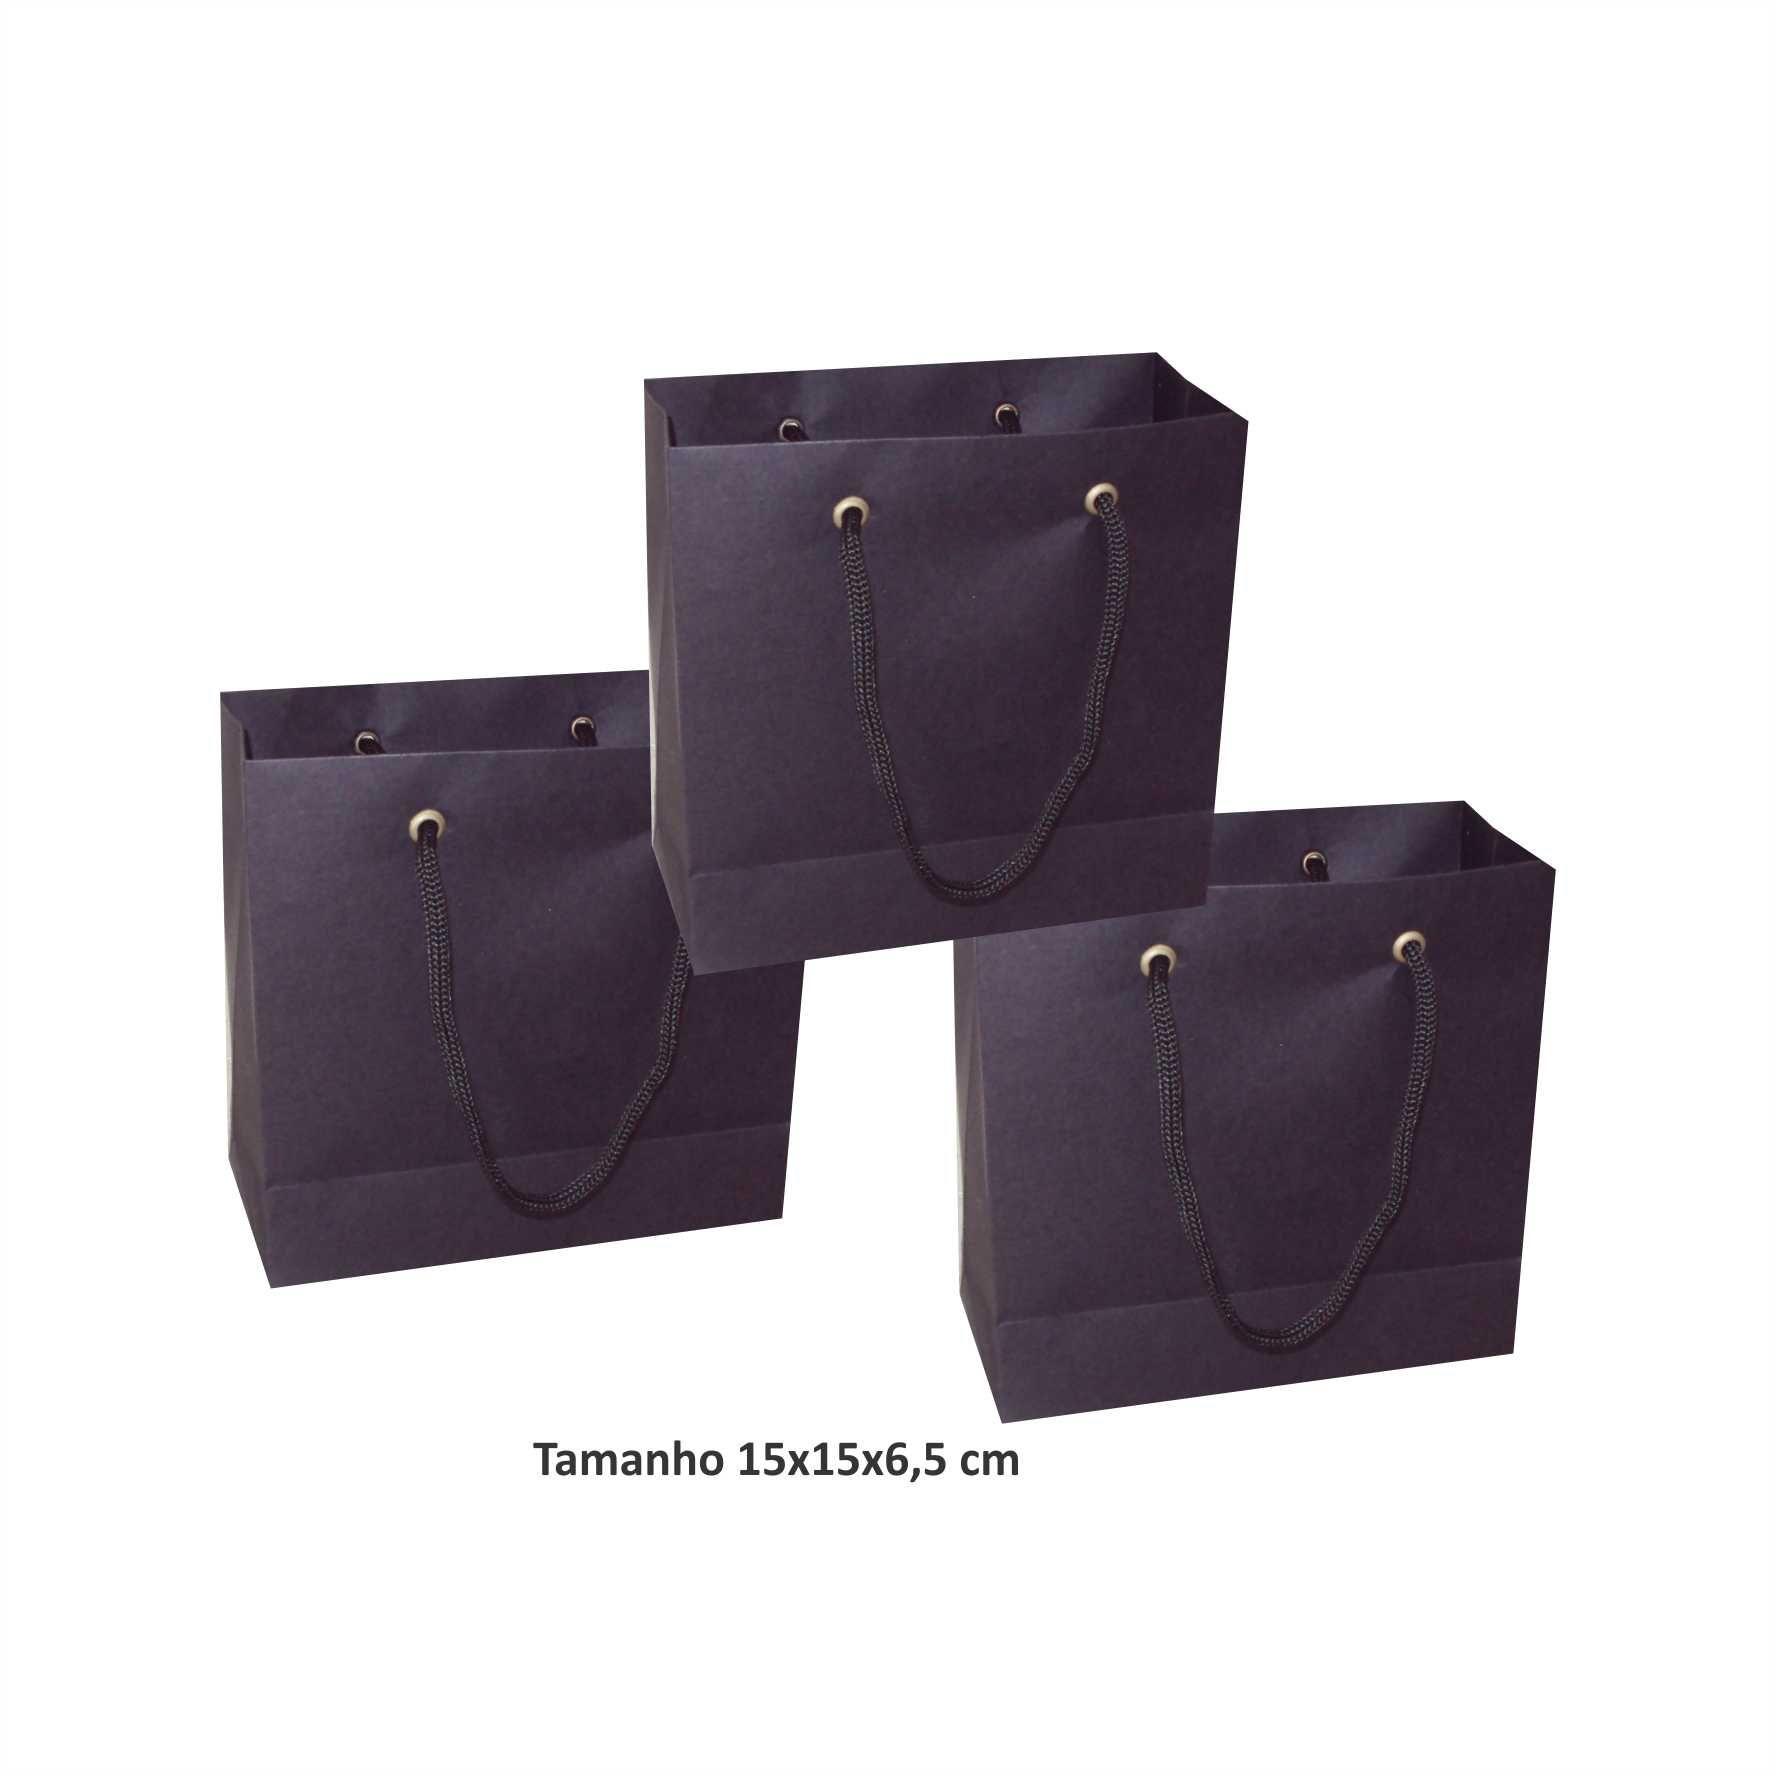 Sacola de papel Pequena (15x15x6,5 cm) preta - 10 unidades